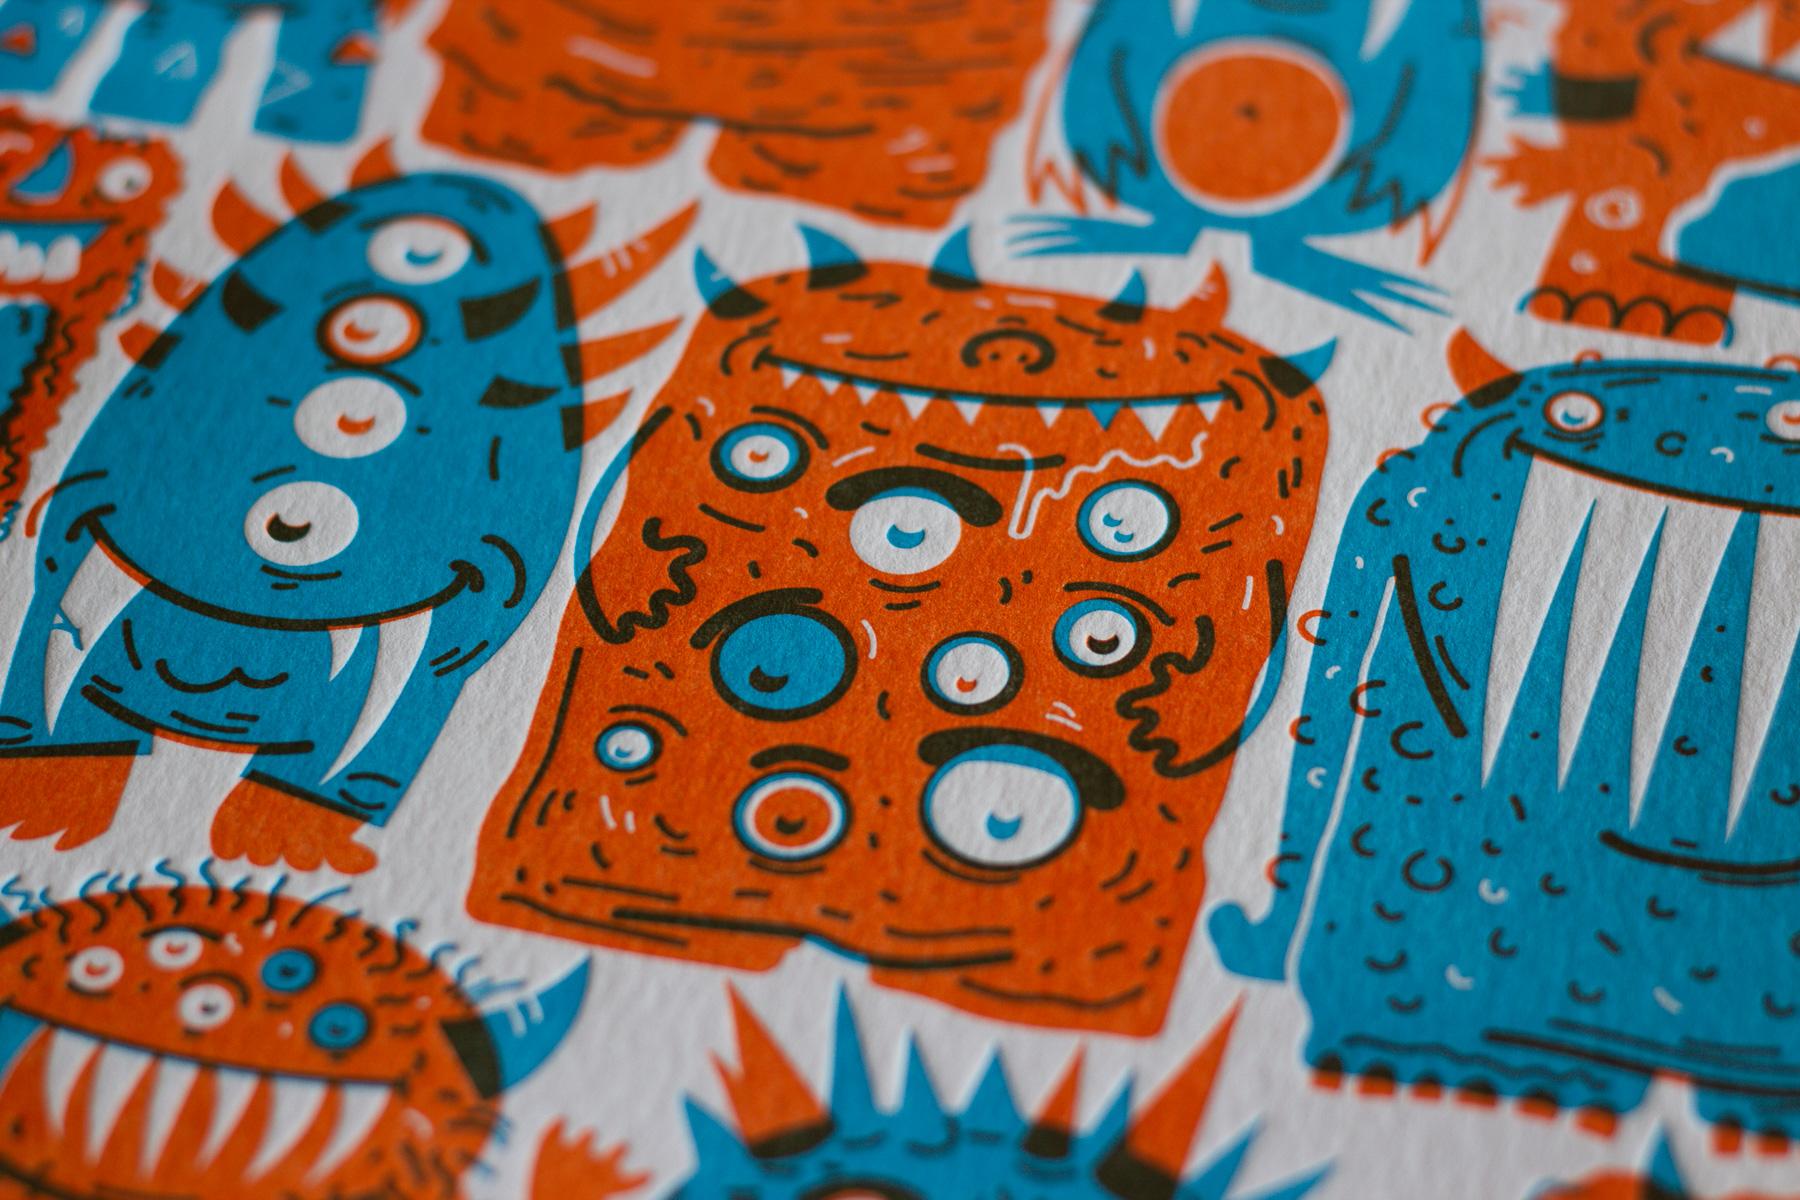 Michael Langenegger Monster Letterpress Art Print x Hungry Workshop-08